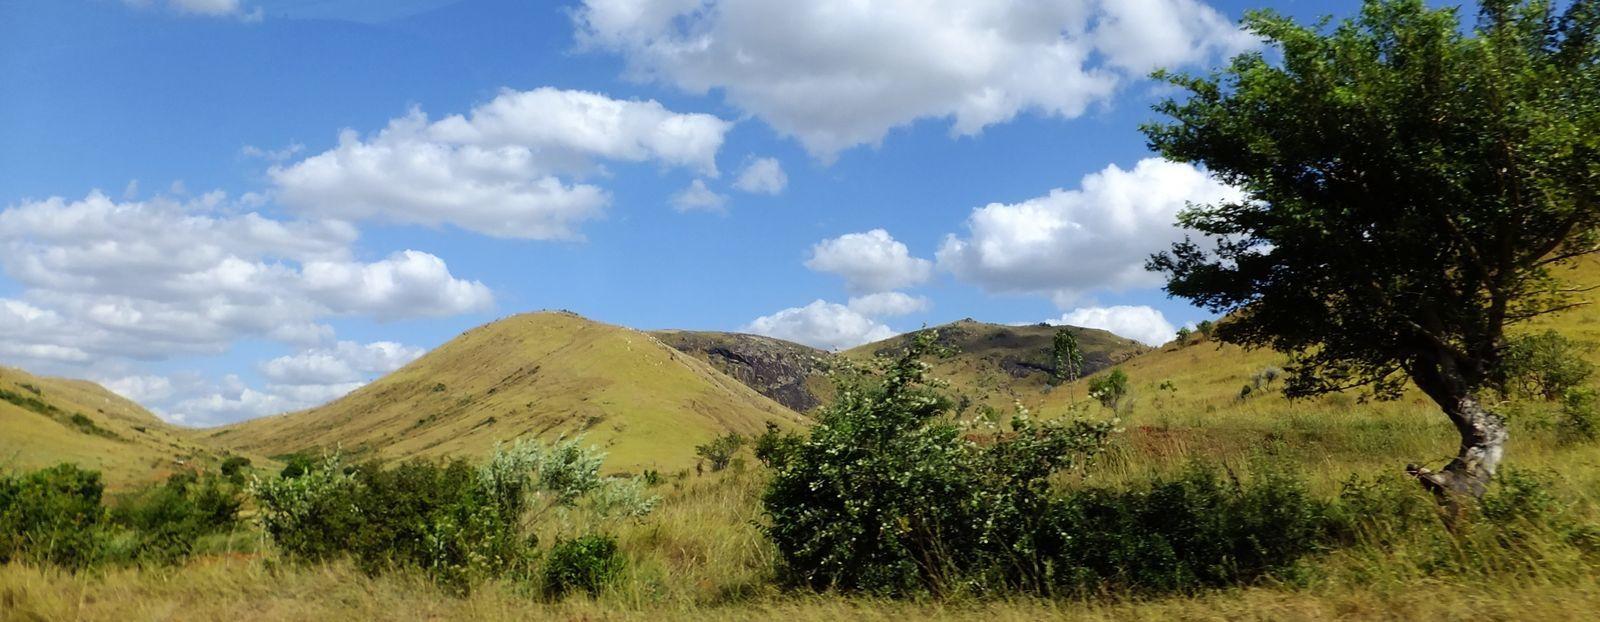 Parc de l'Isalo : nos 4 bonnes raisons de visiter le Colorado malgache !